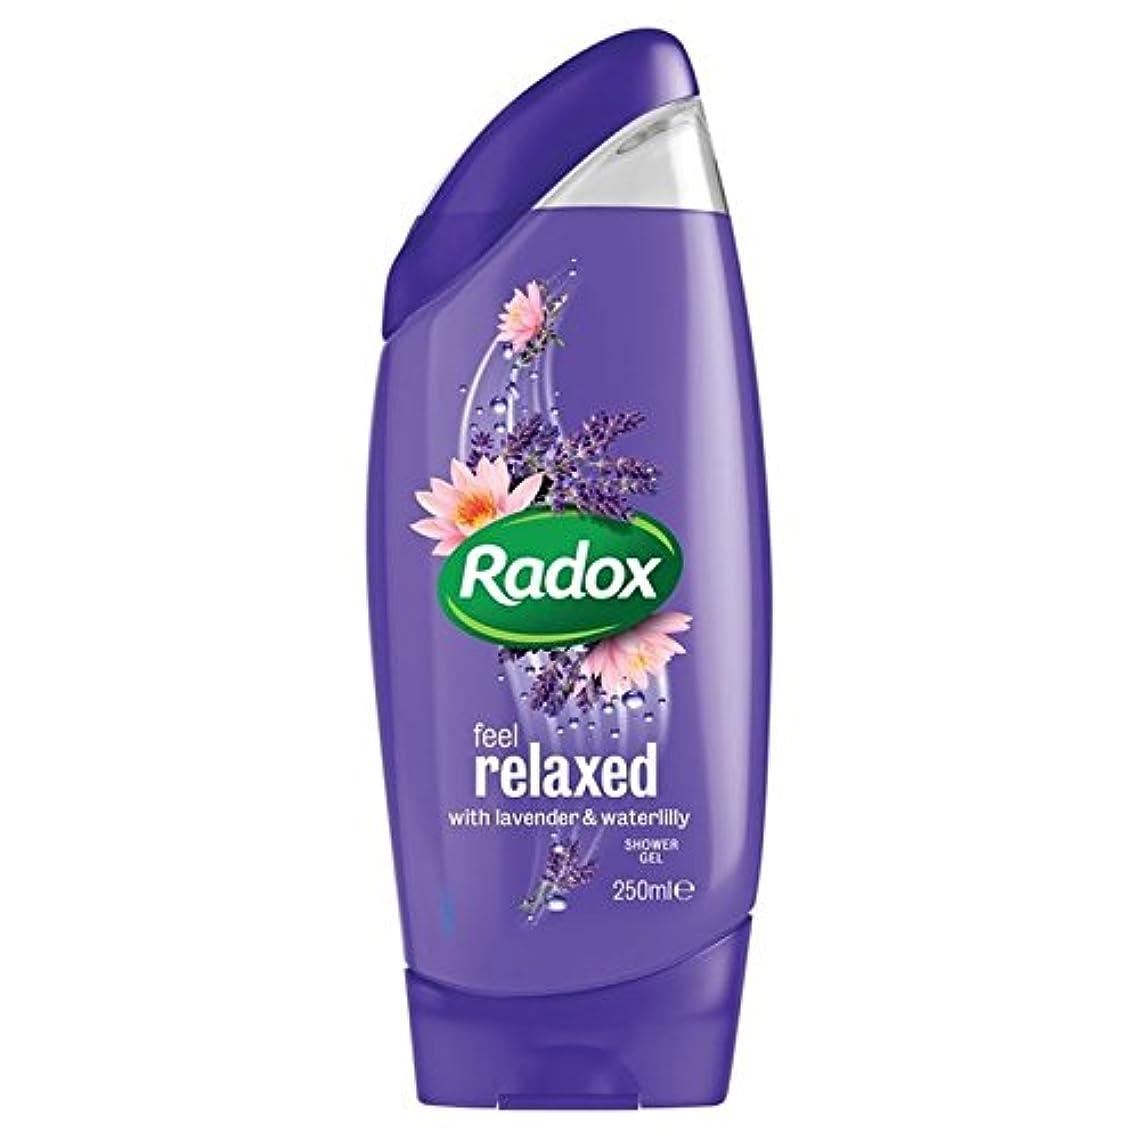 失う件名付き添い人Radox Feel Relaxed Shower Gel 250ml - はリラックスシャワージェル250ミリリットルを感じます [並行輸入品]